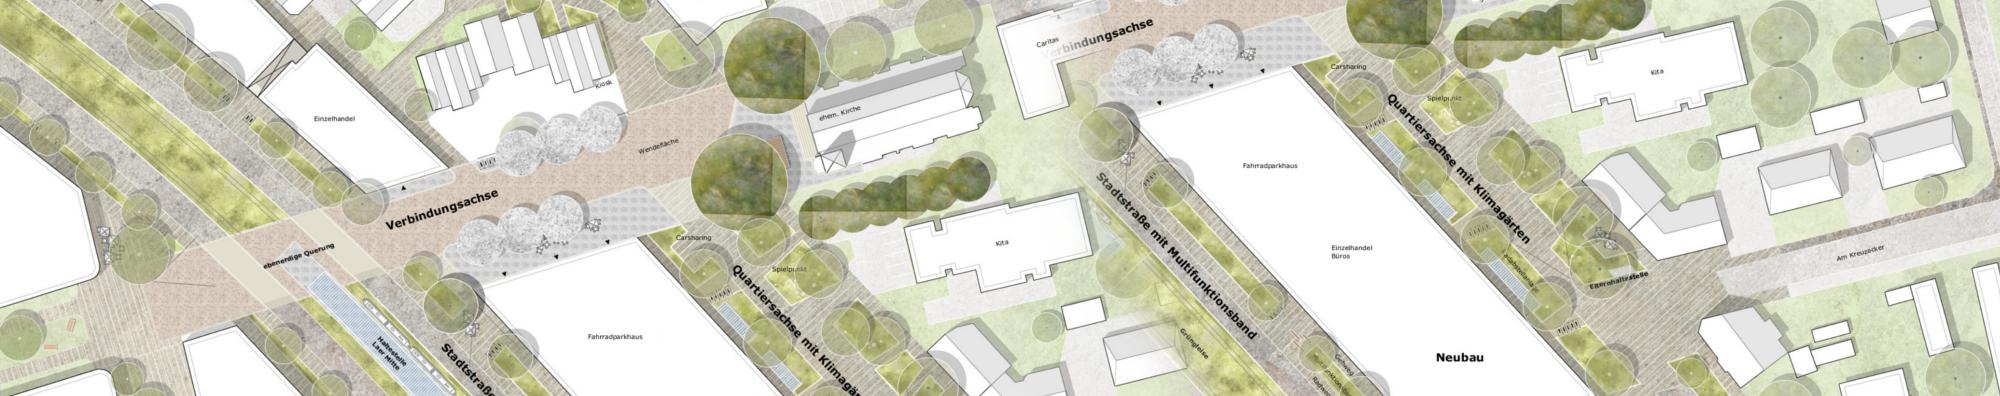 Entwürfe für die Planungsbereiche